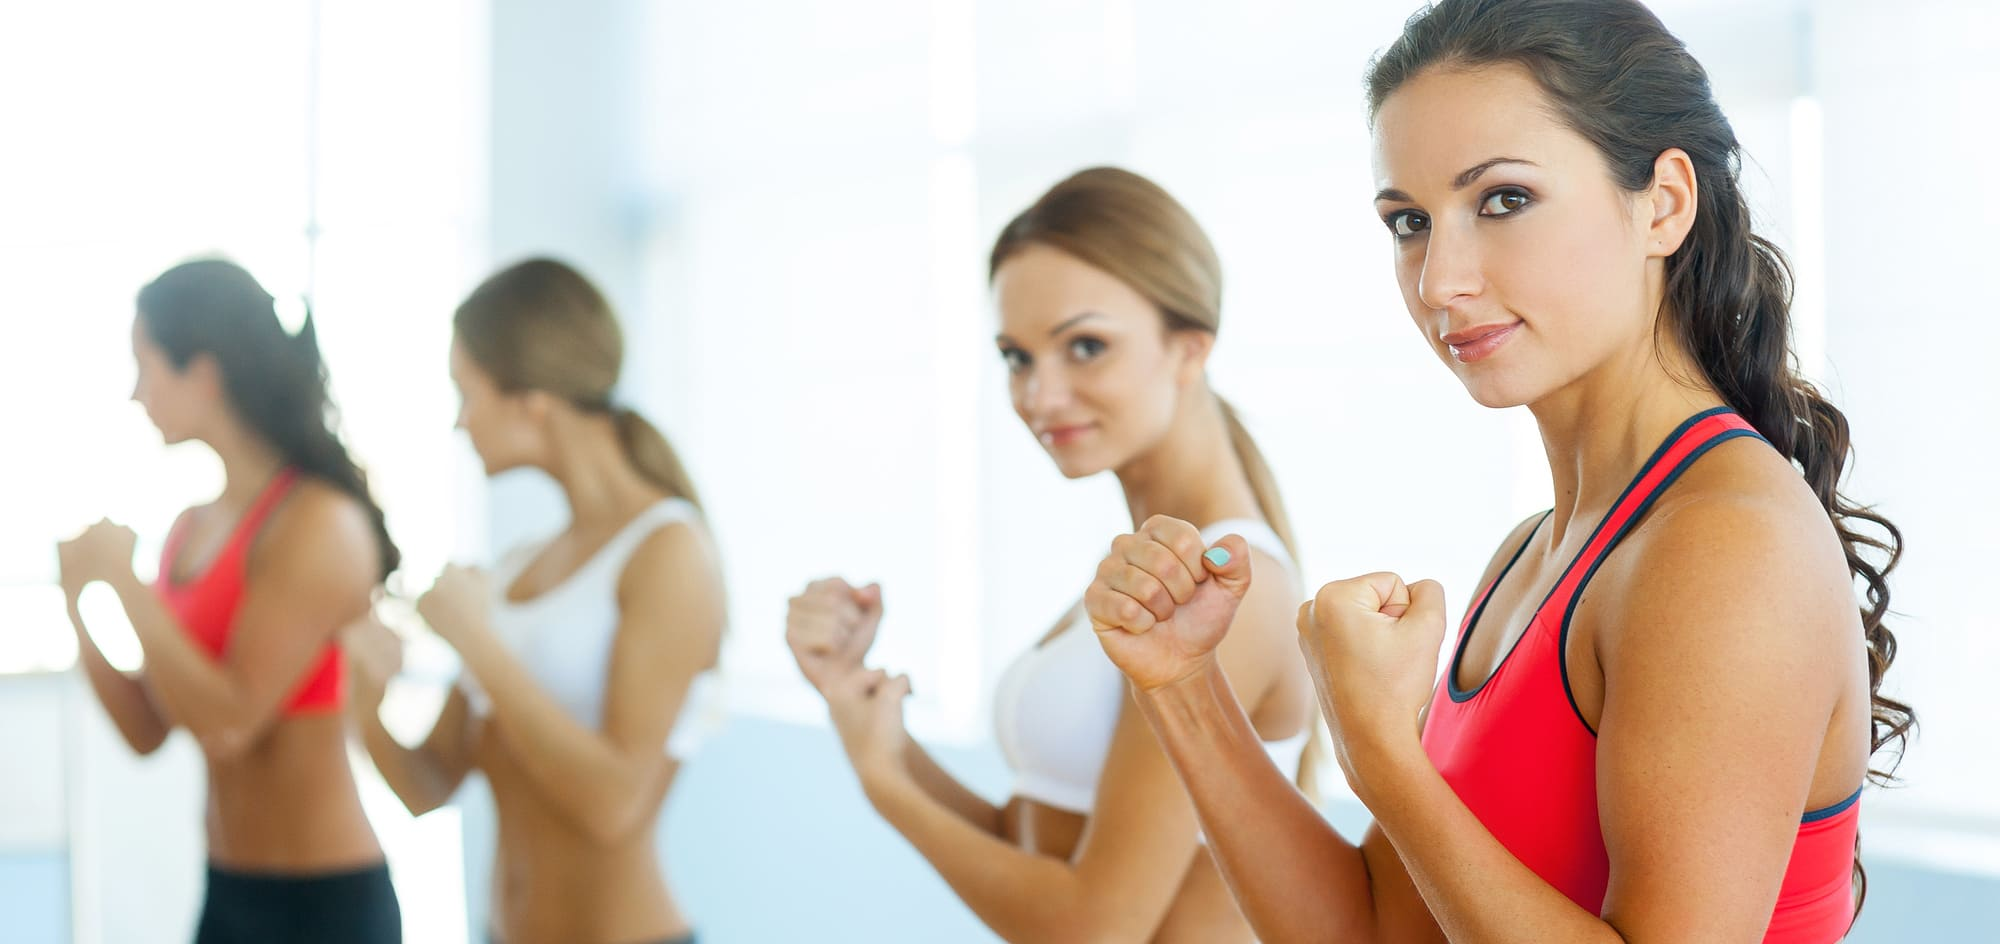 Frauen Selbstverteidigung Kurs